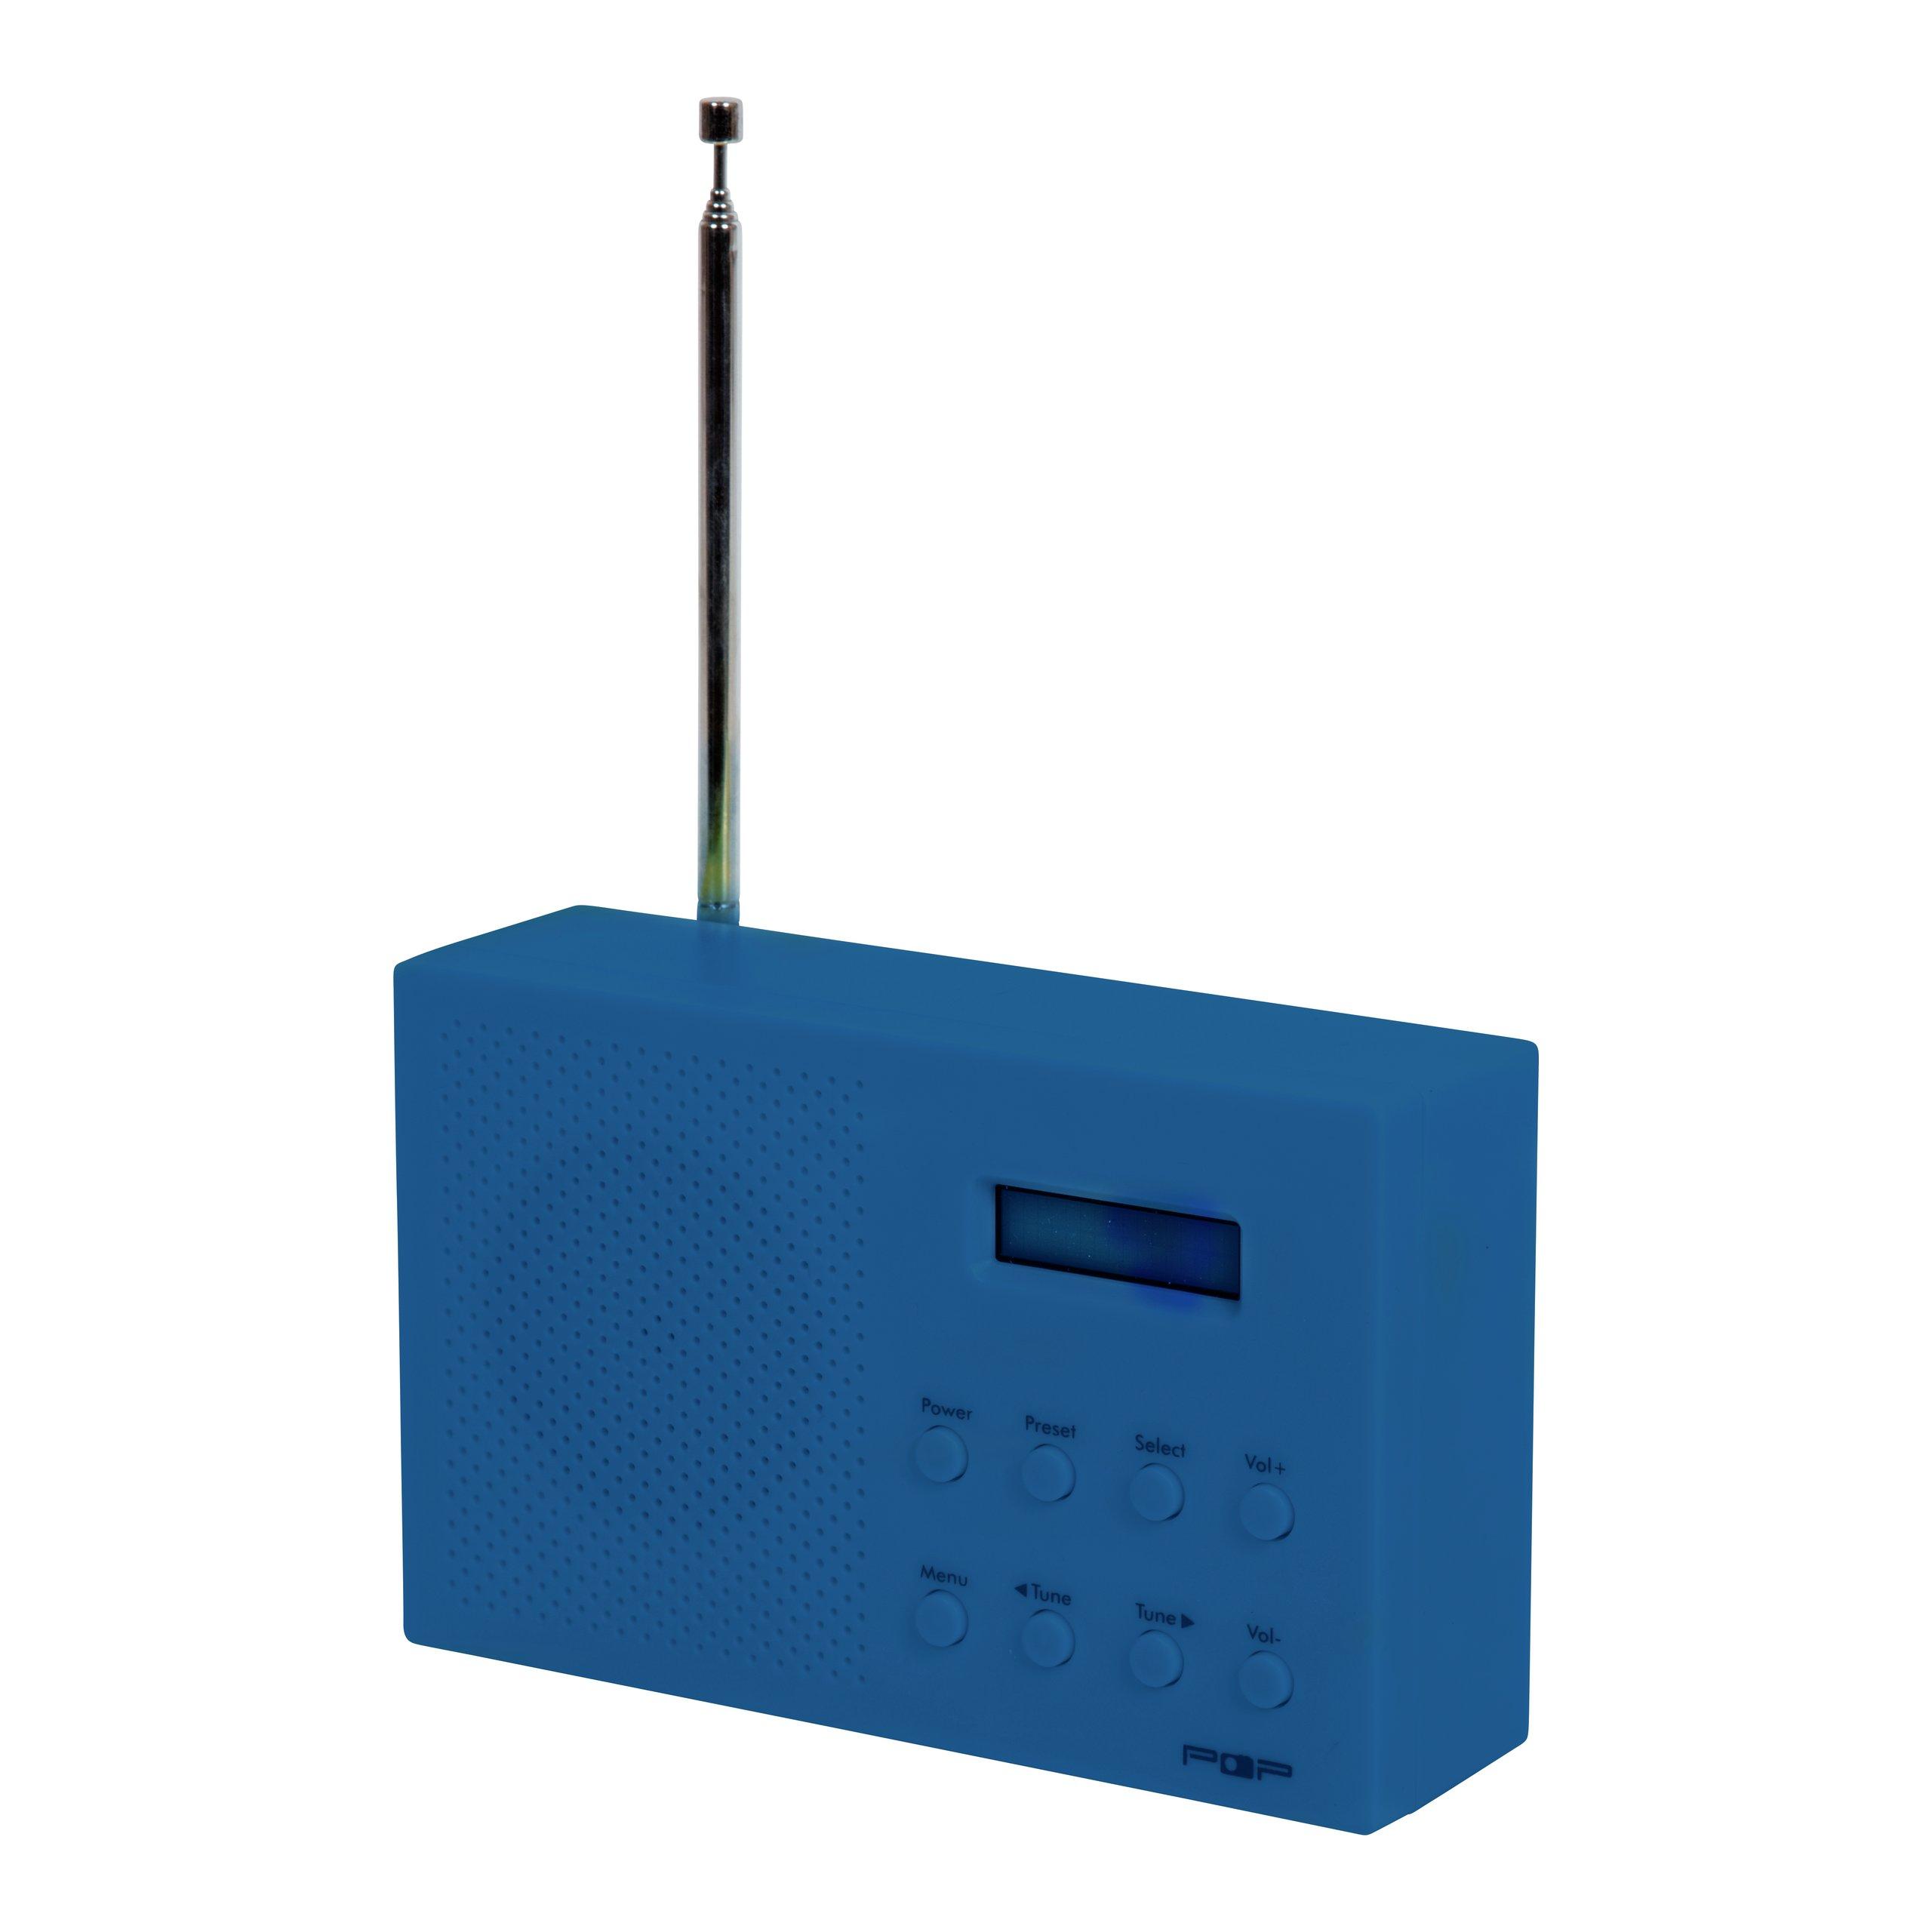 POPLITE RADIO V6-RAD002